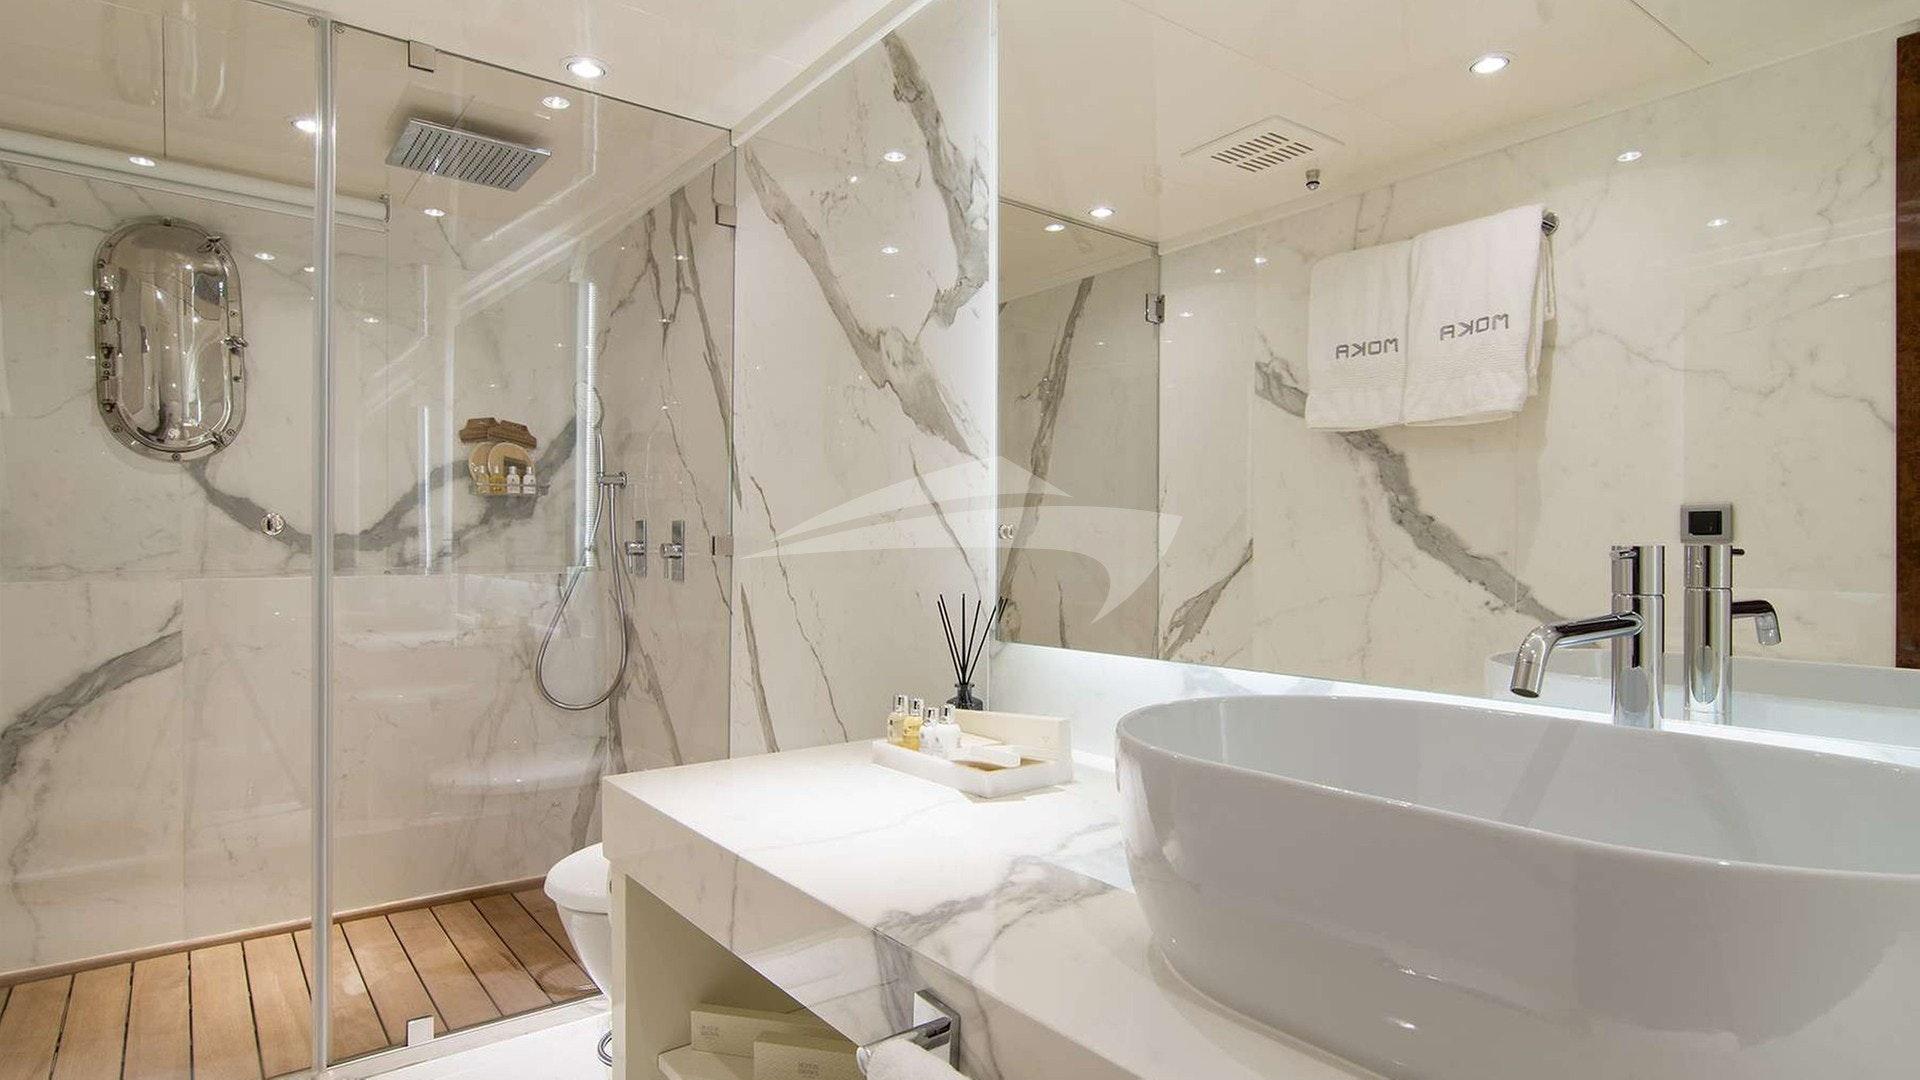 Casa de banho dupla